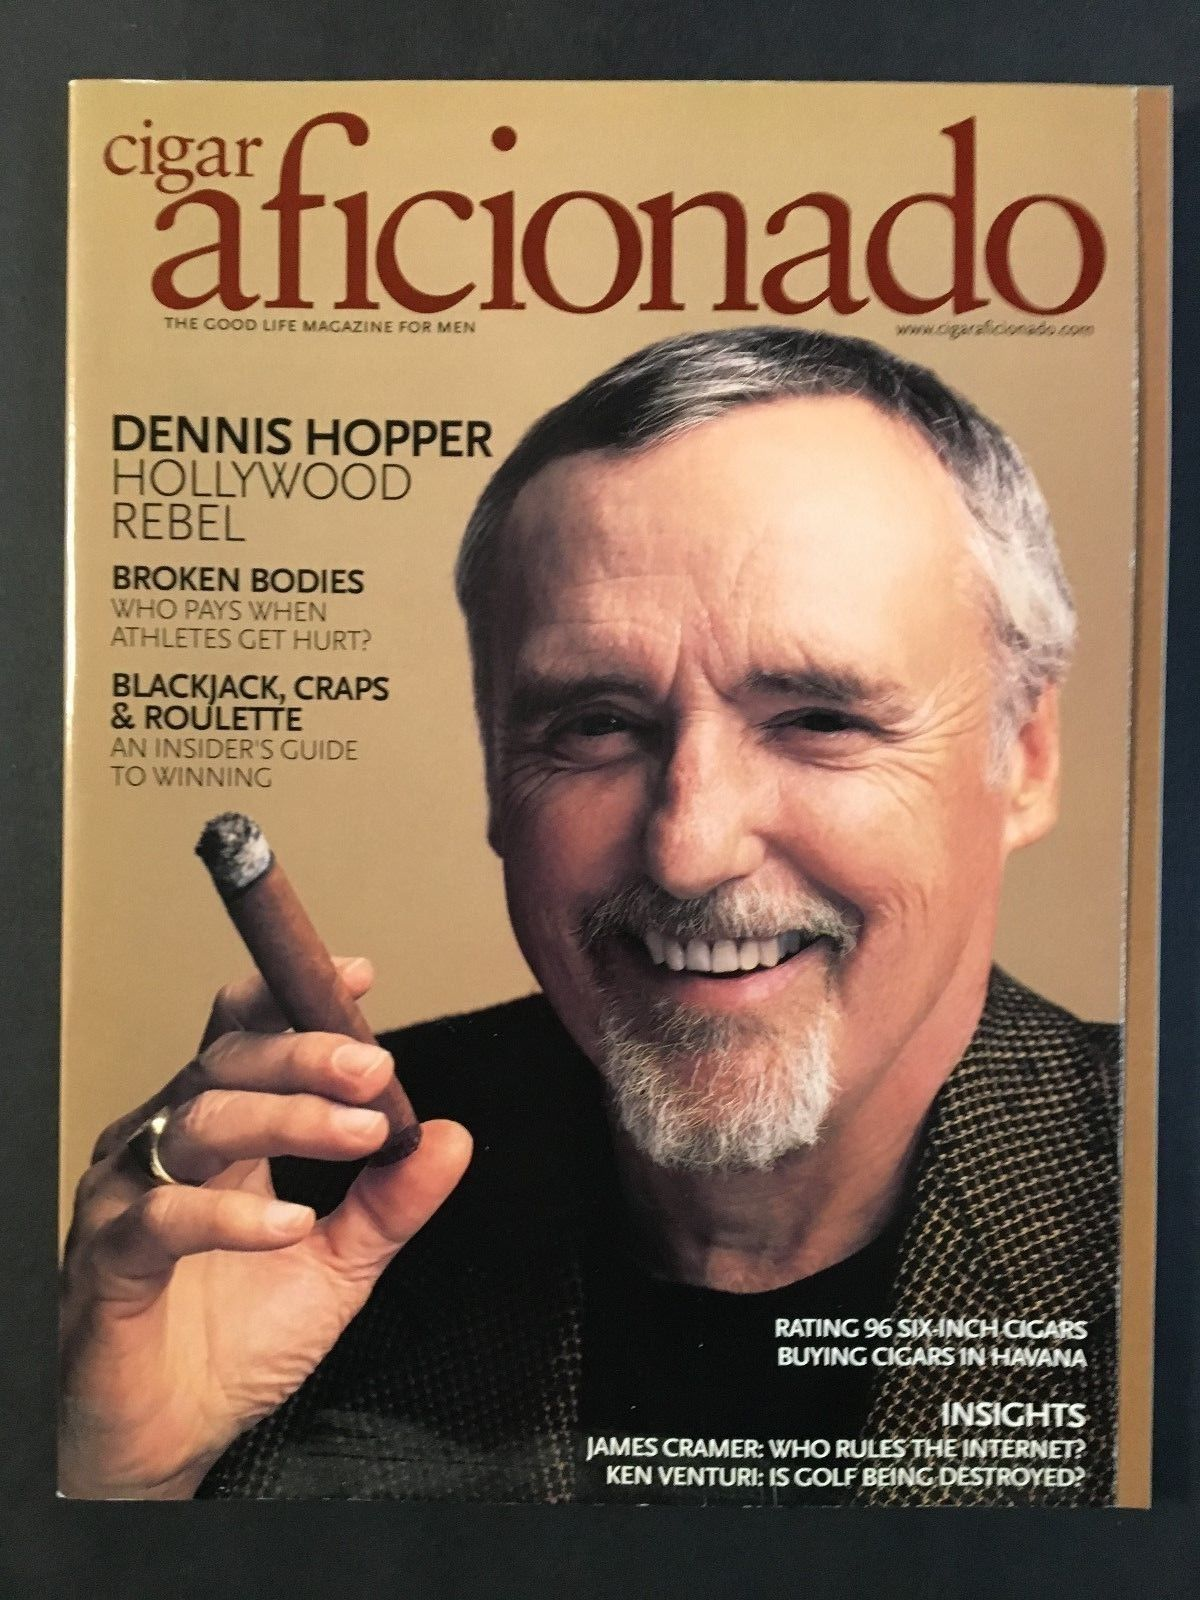 cigar-aficionado-magazine-february-2001-dennis-hopper.jpg